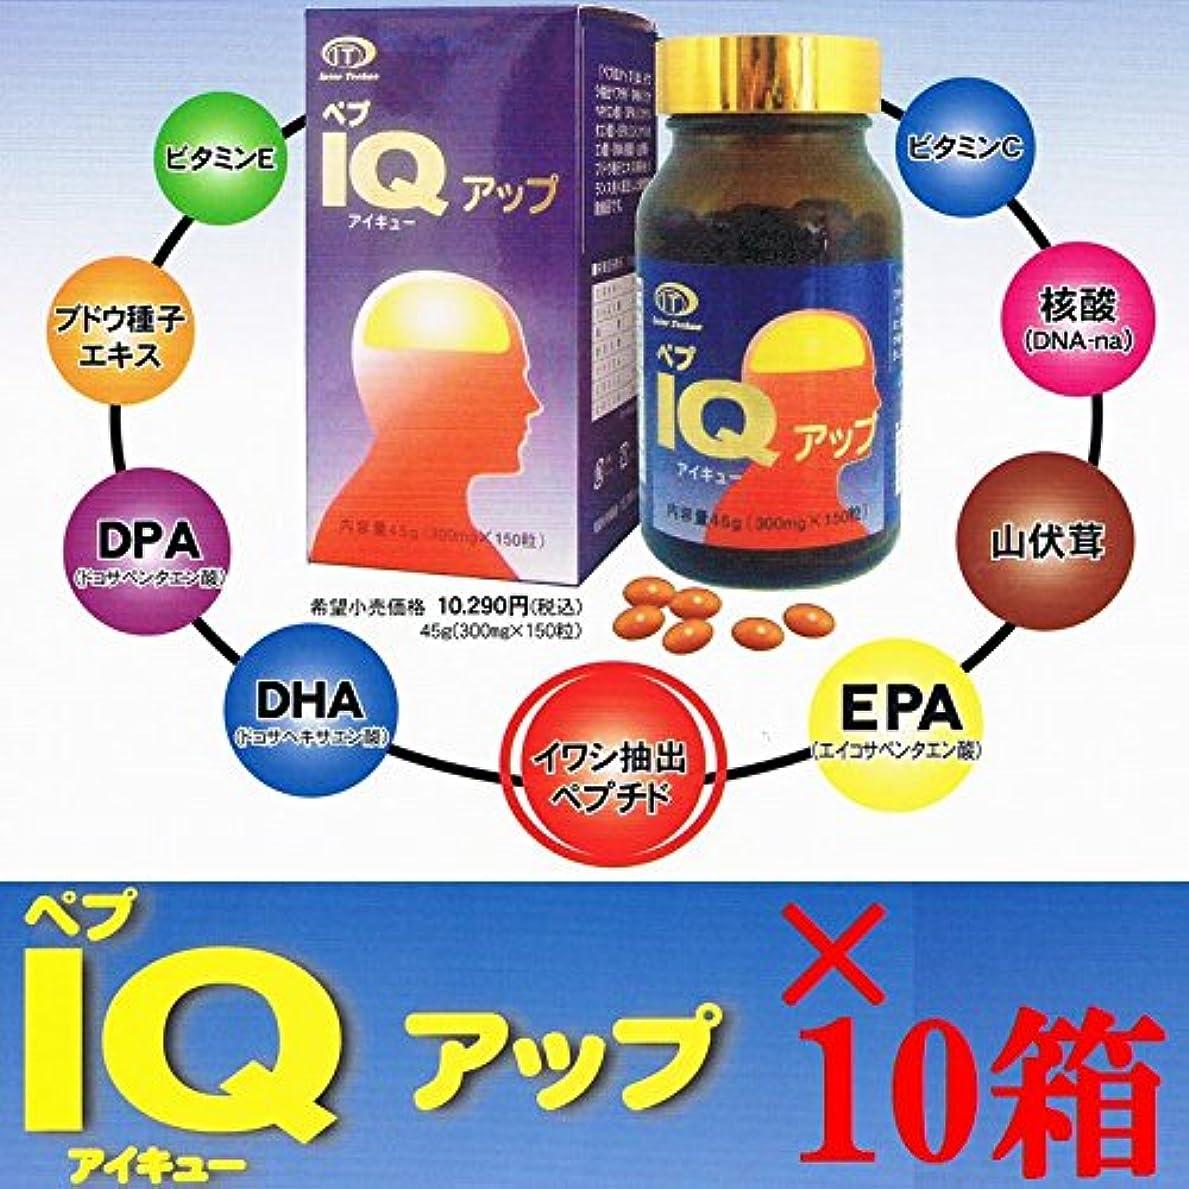 かどうか交換遺伝子ペプIQアップ 150粒 ×超お得10箱セット 《記憶?思考、DHA、EPA》